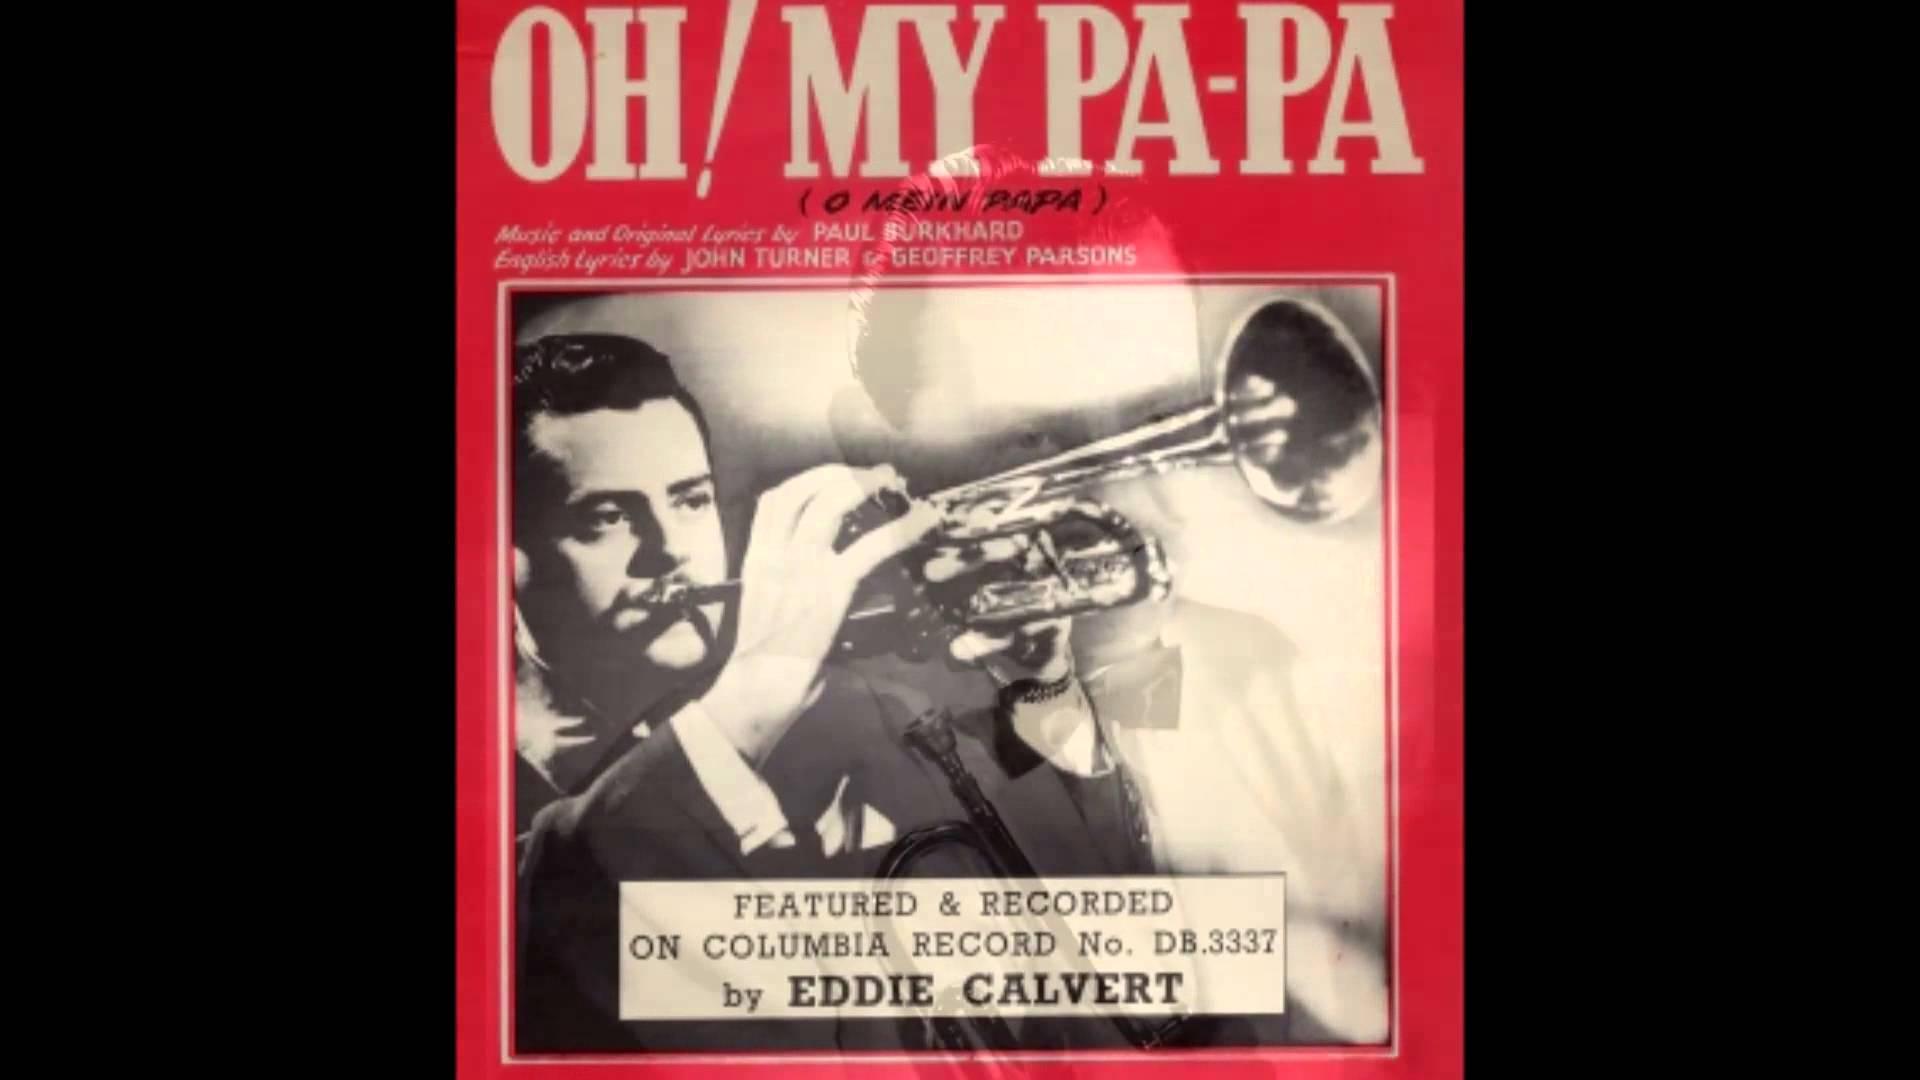 Eddie Calvert – Oh, Mein Papa